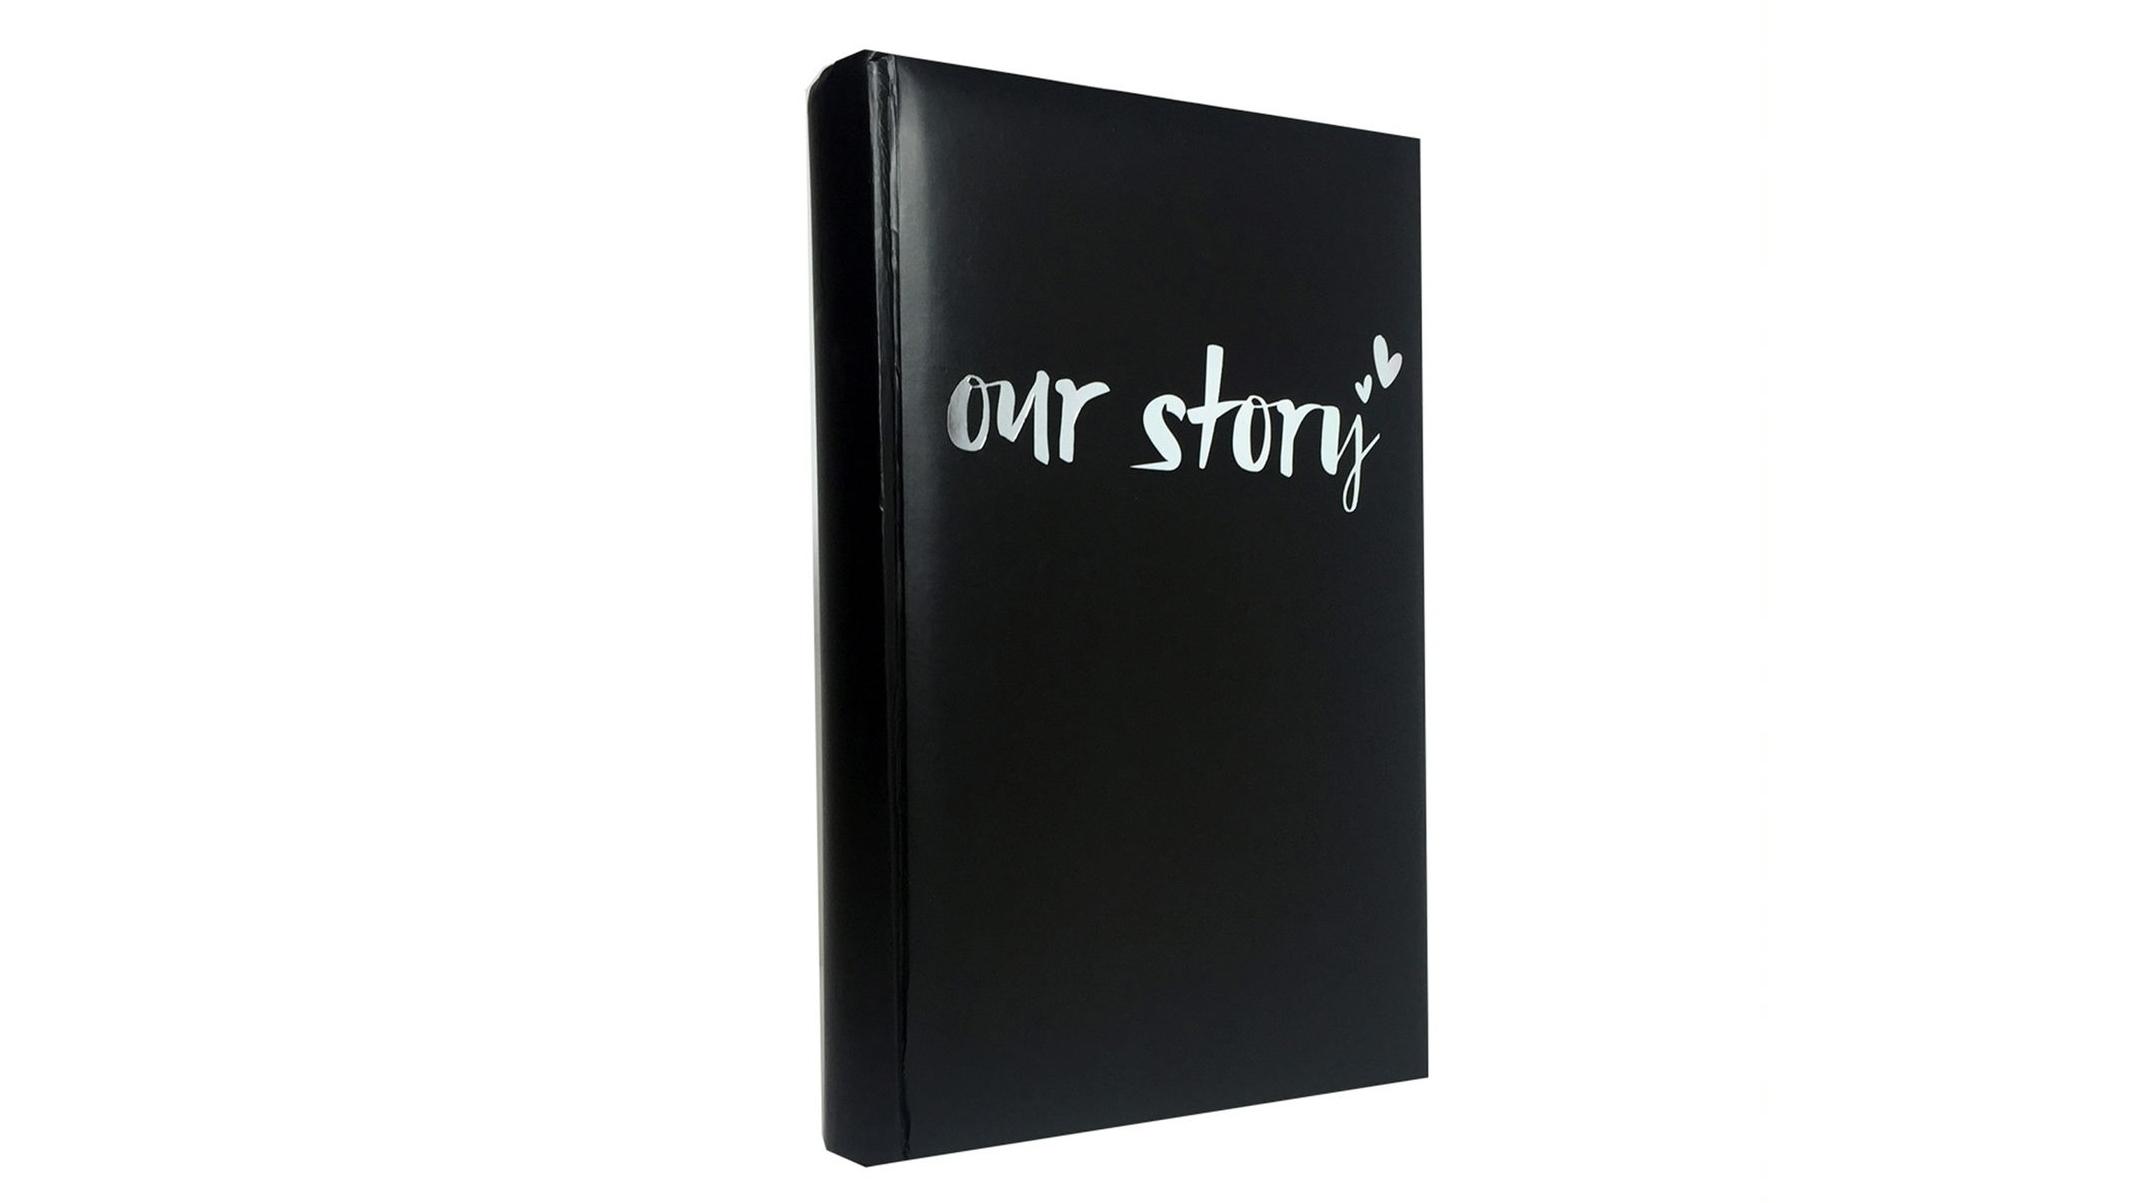 Image of Platinum Moda 'Our Story' Slip-In 4x6 300 Photo Album - Black